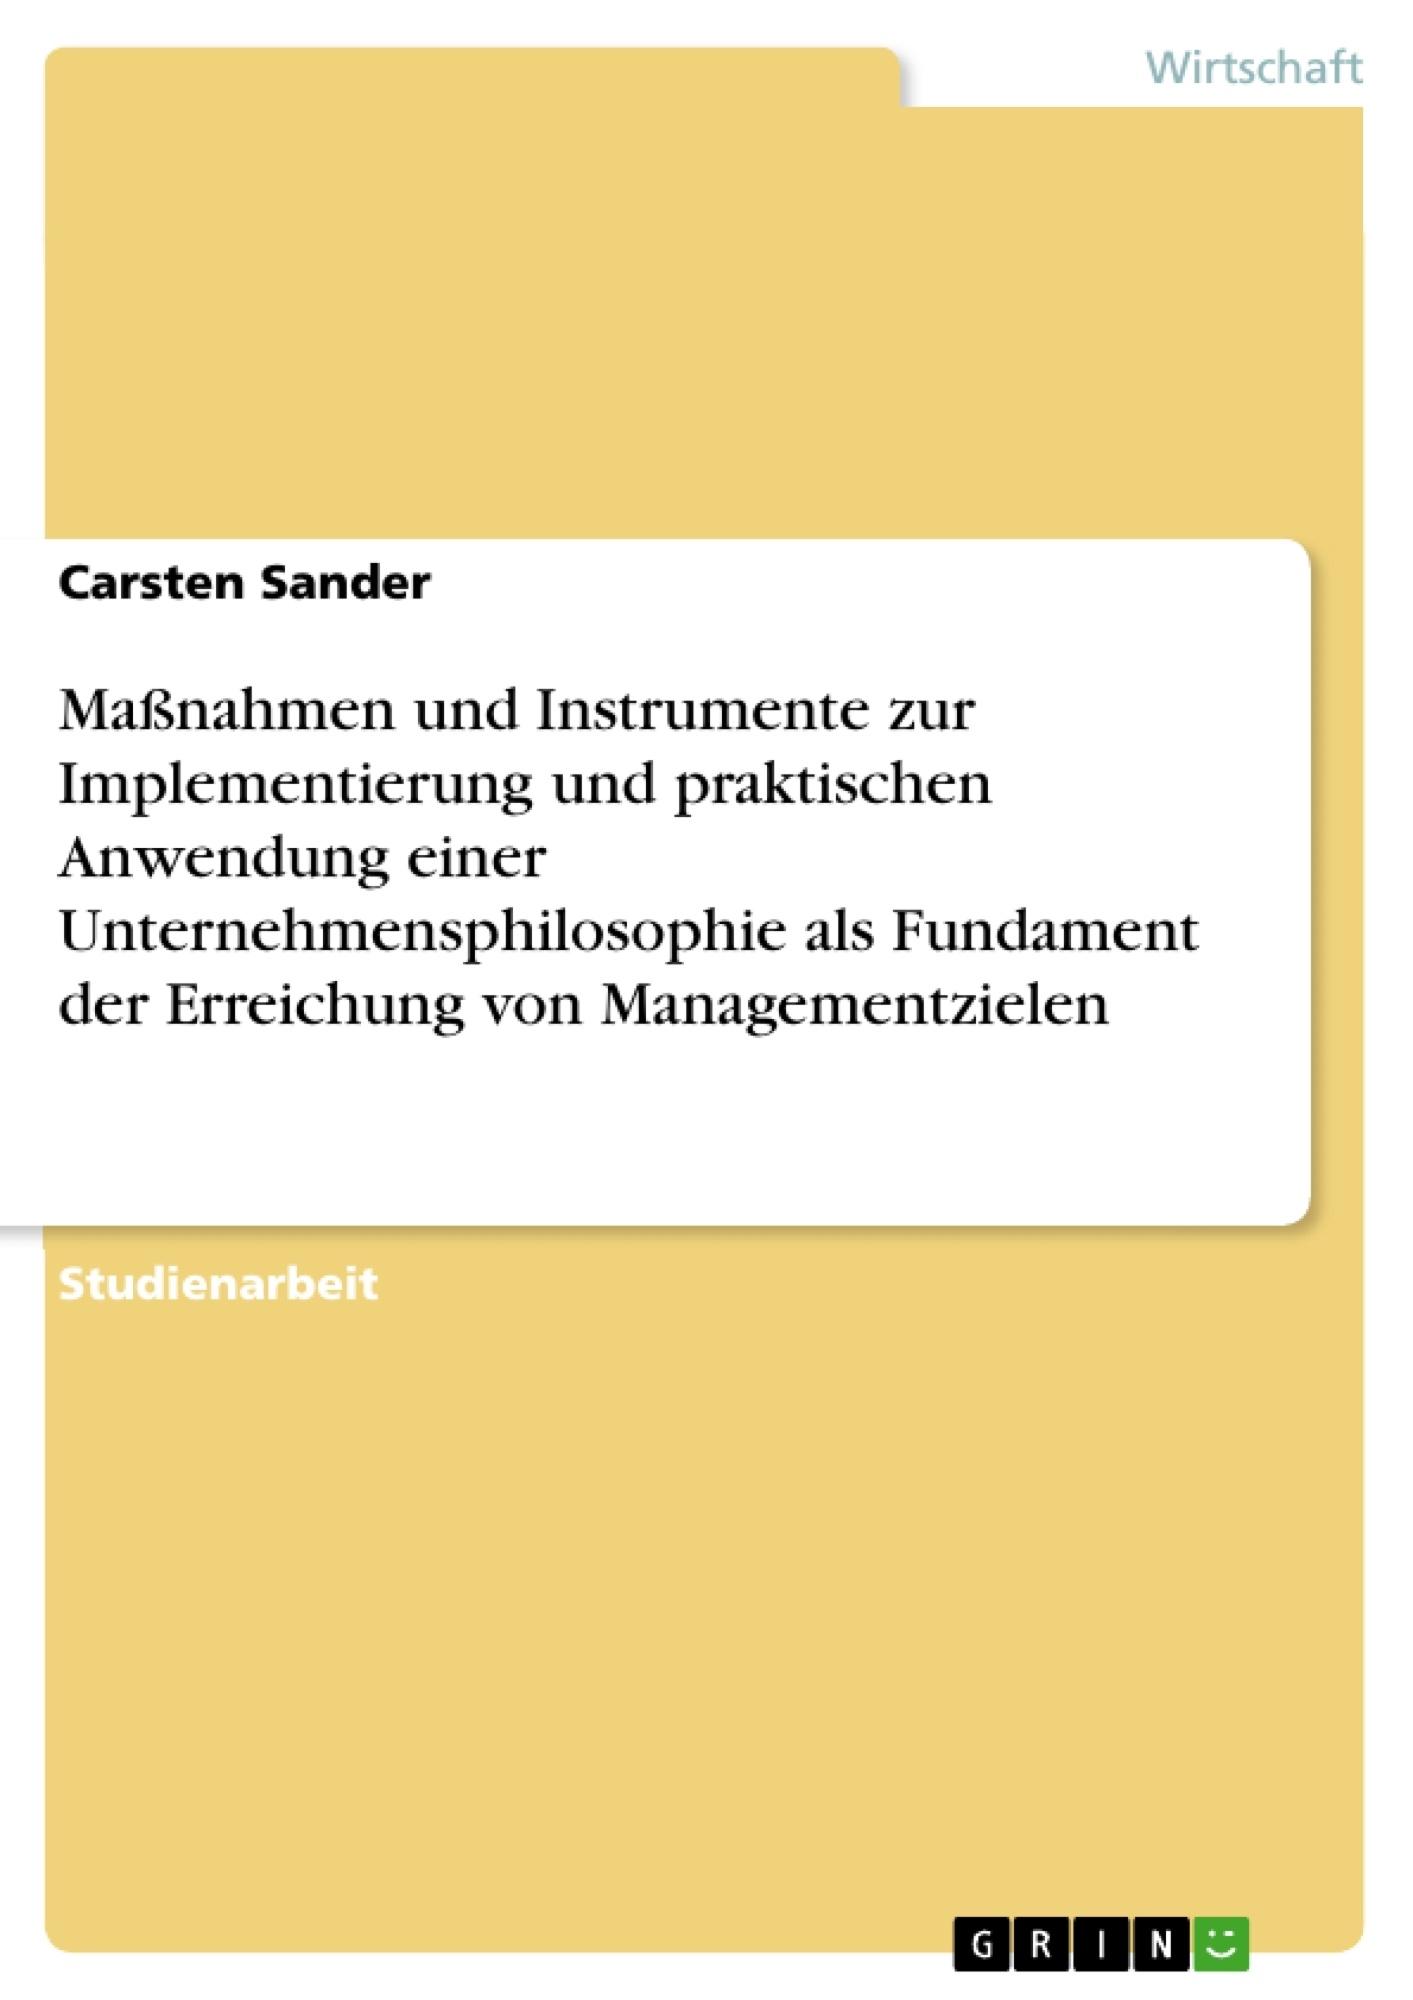 Titel: Maßnahmen und Instrumente zur Implementierung und praktischen Anwendung einer Unternehmensphilosophie als Fundament der Erreichung von Managementzielen